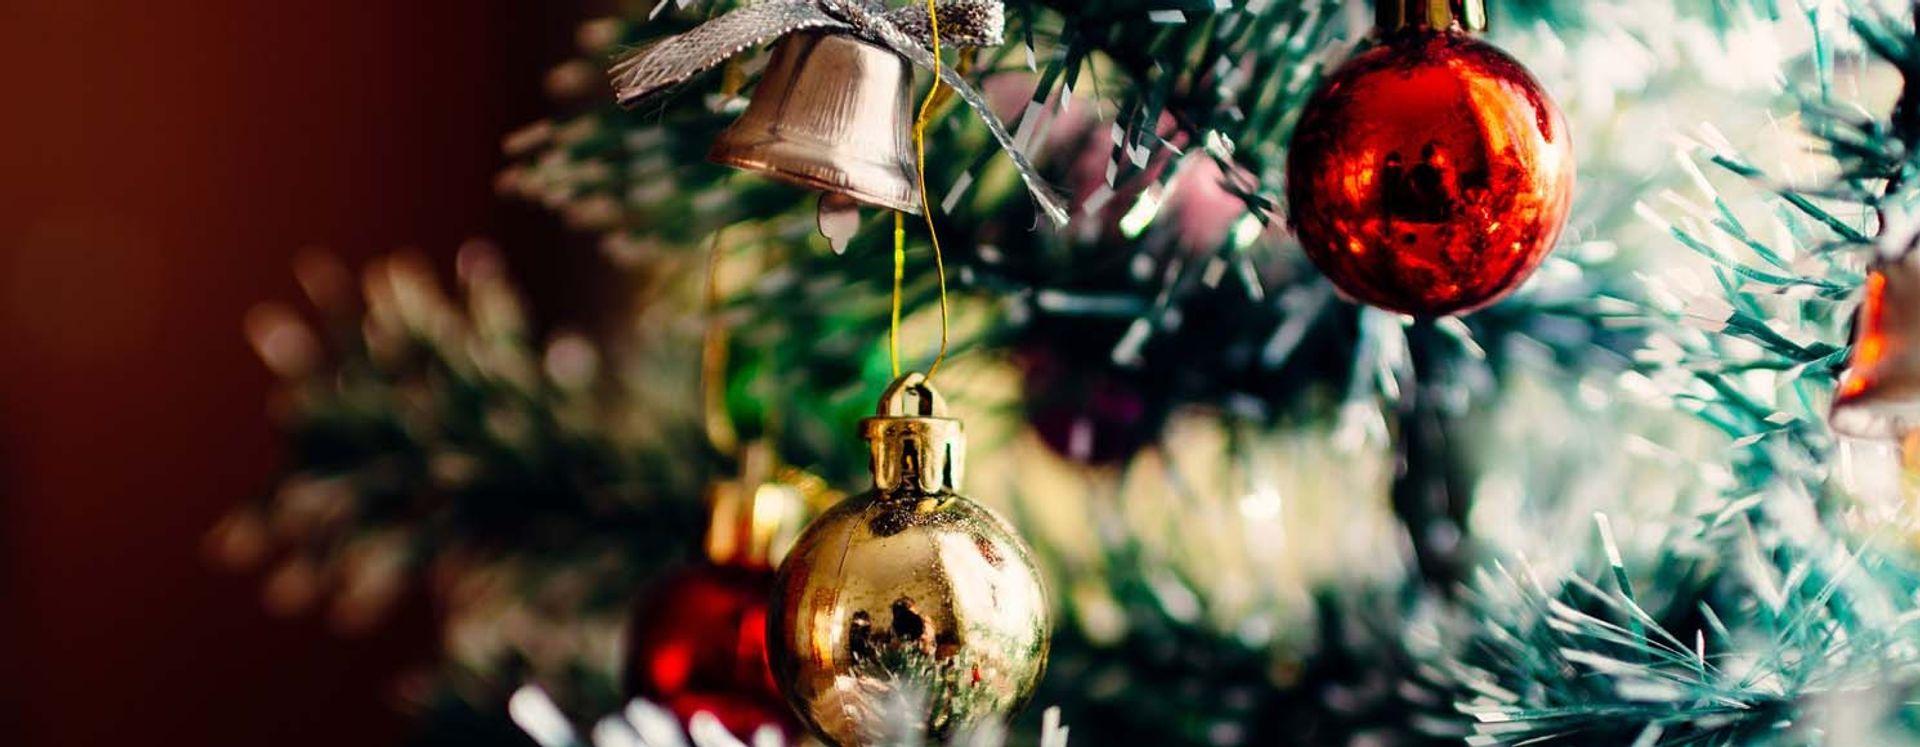 Juletræet med sin pynt og mange insekter - Anticimex